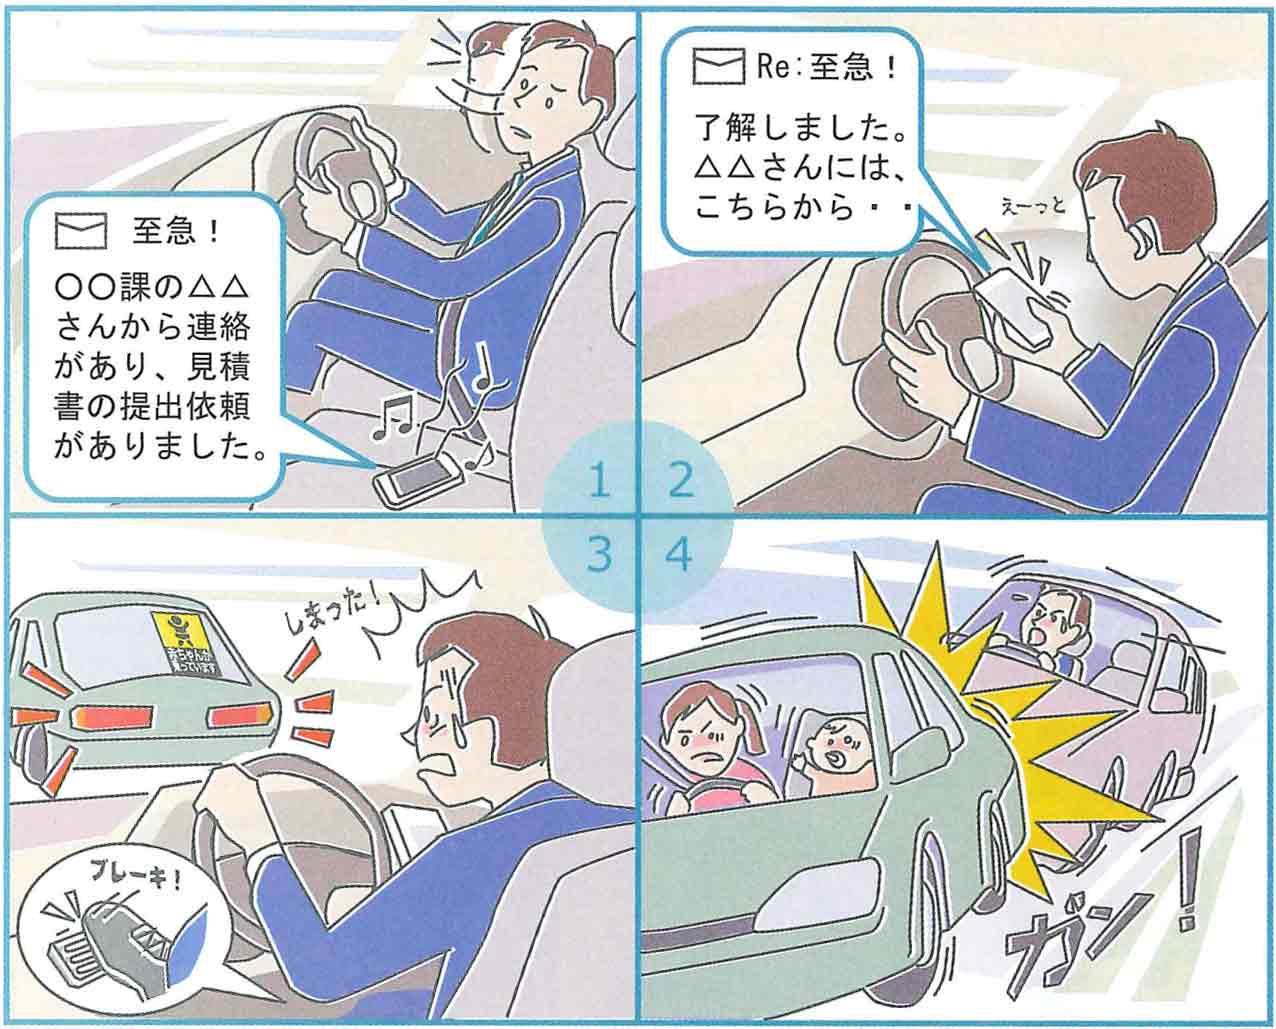 「ながら運転」は悲惨な事故につながります!